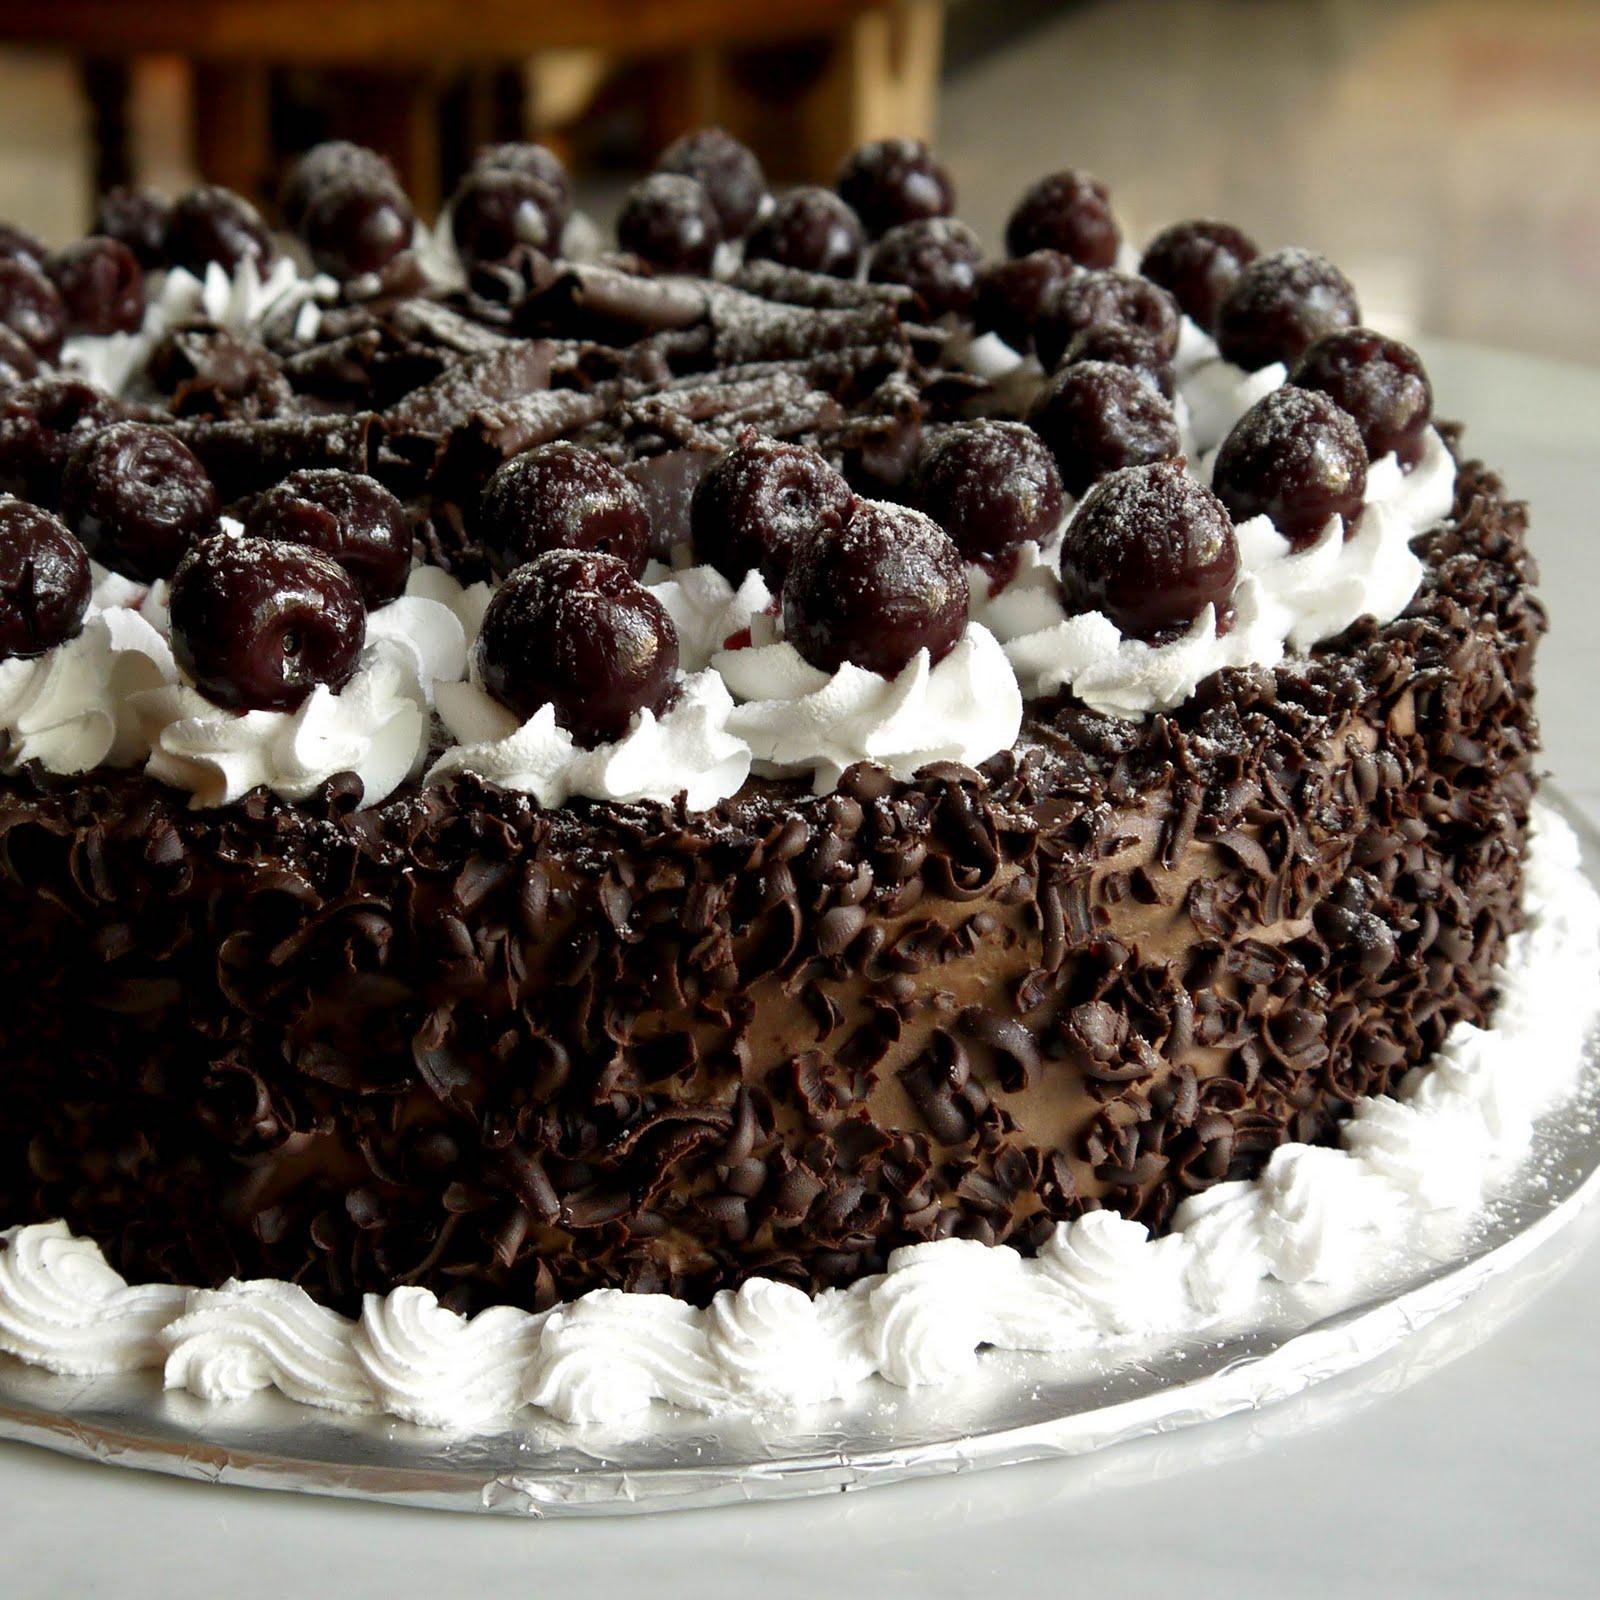 Sweet Indulgence Kuching: Black Forest Cake